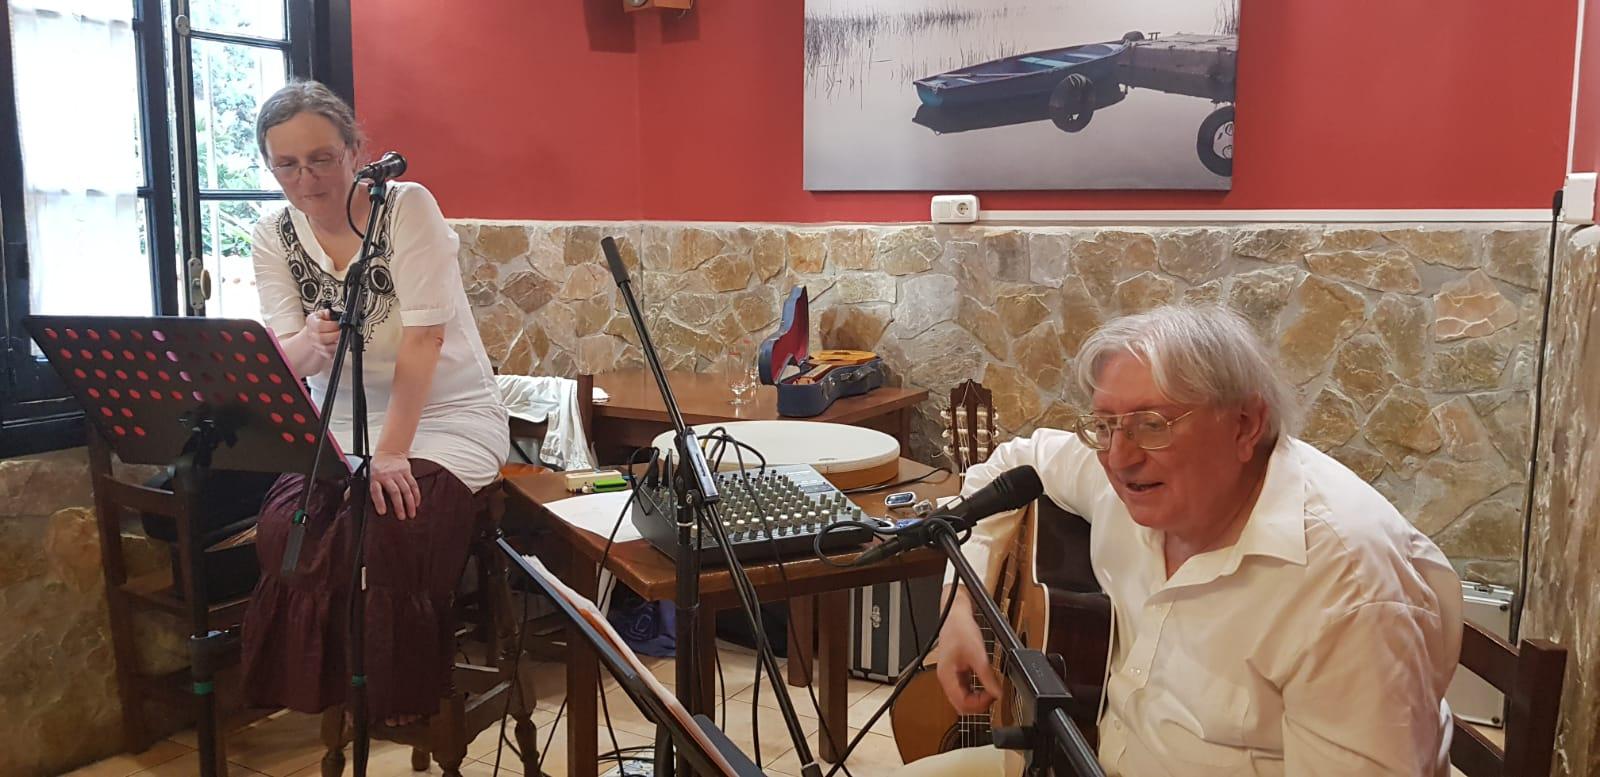 """Concert of """"Sweet Winds"""" at Berango, 18-7-2019"""